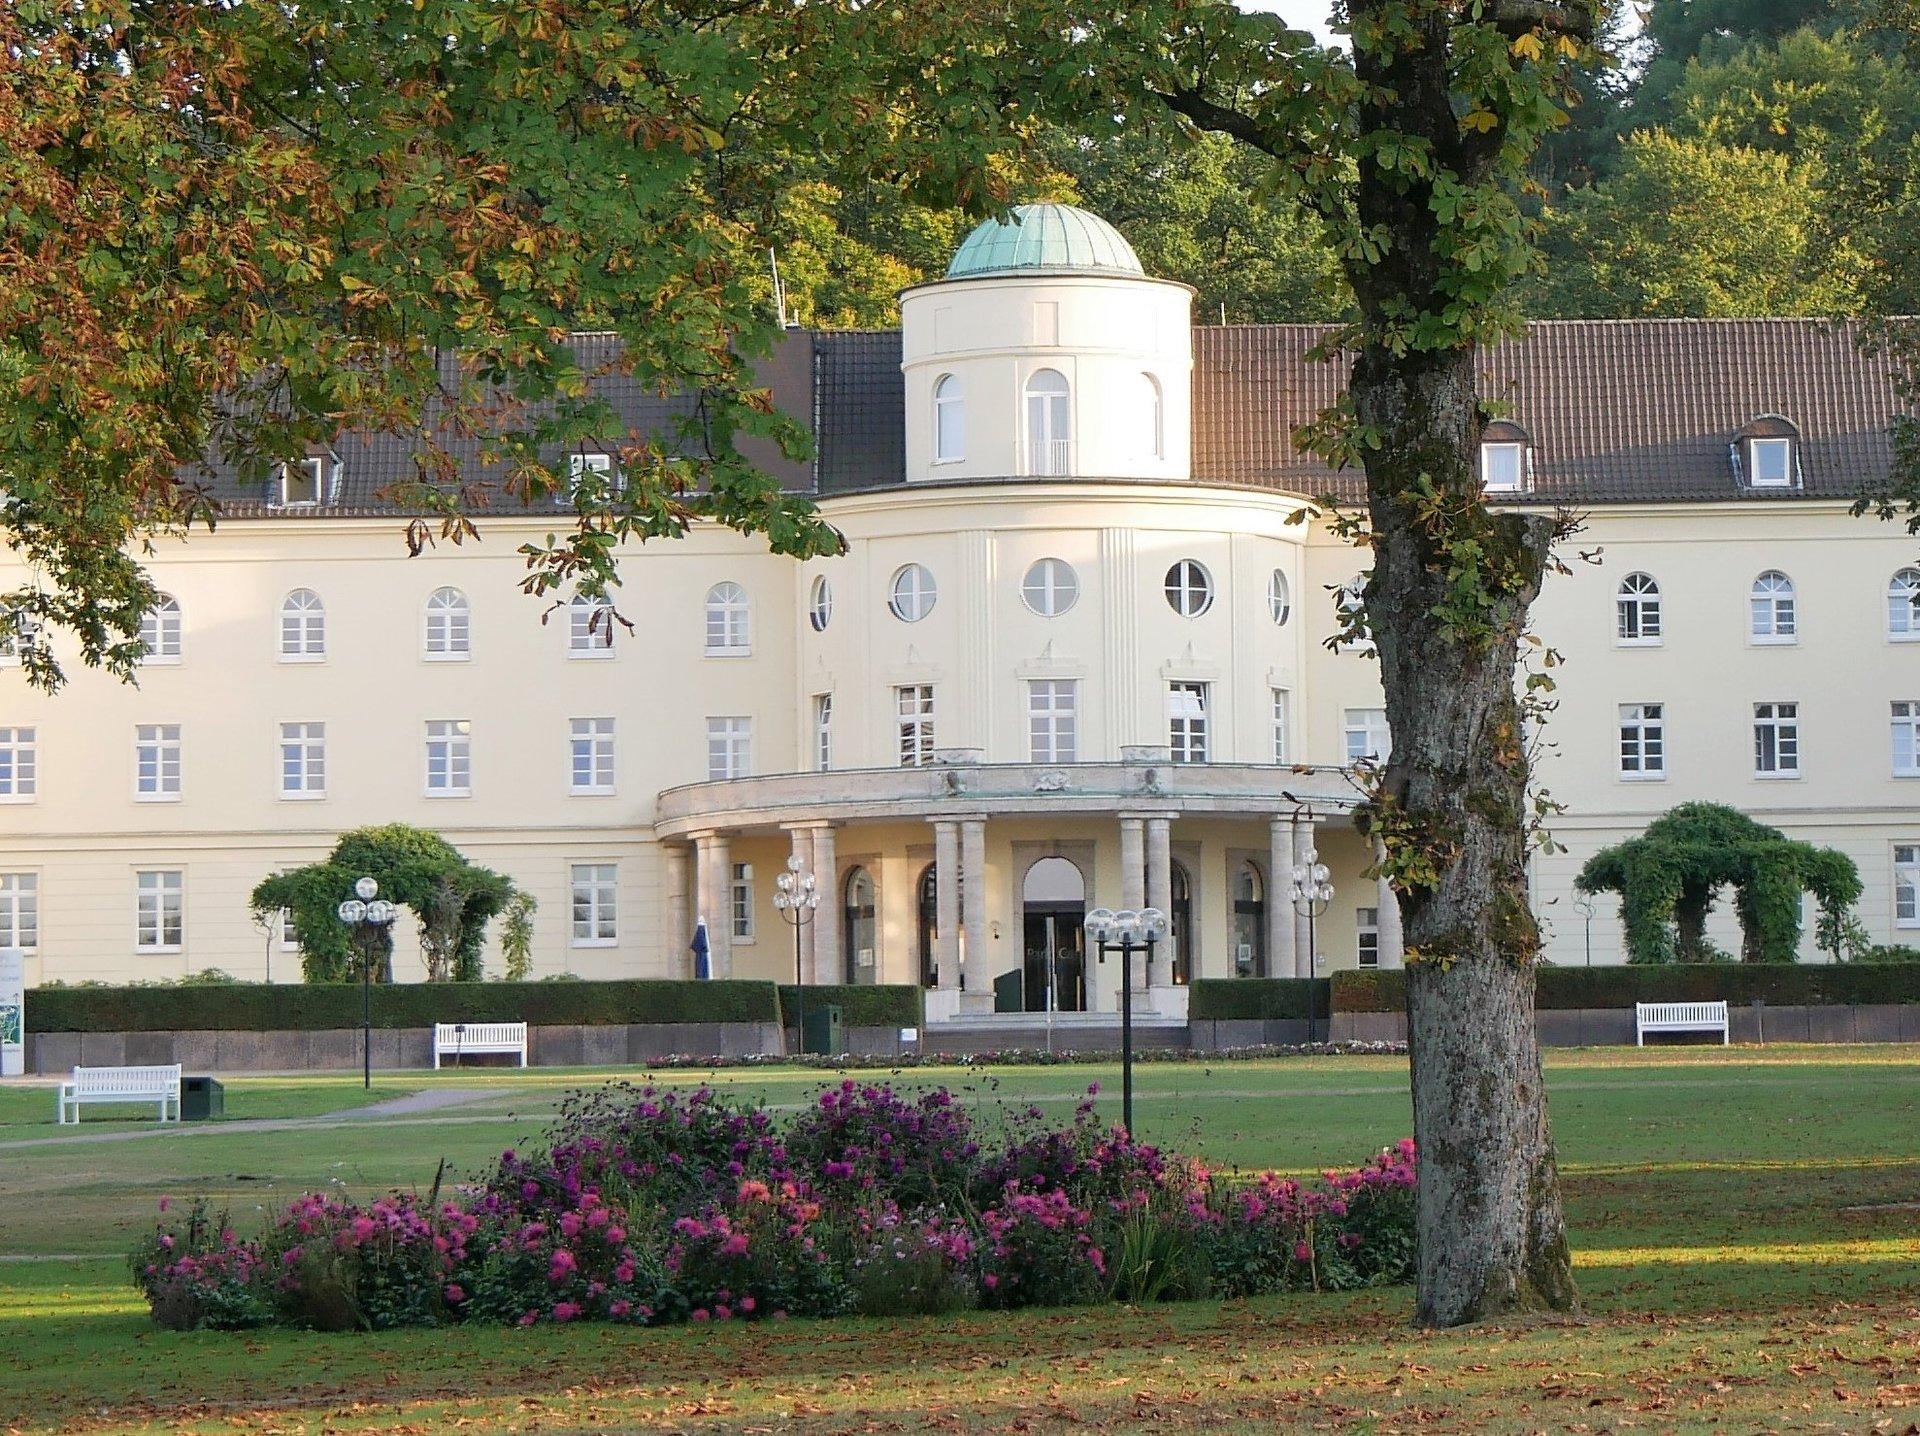 Bad Hermannsborn Kloster Und Ihre Garten Kloster Garten Route Radfahren Aktivitaten Kulturland Kreis Hoxter